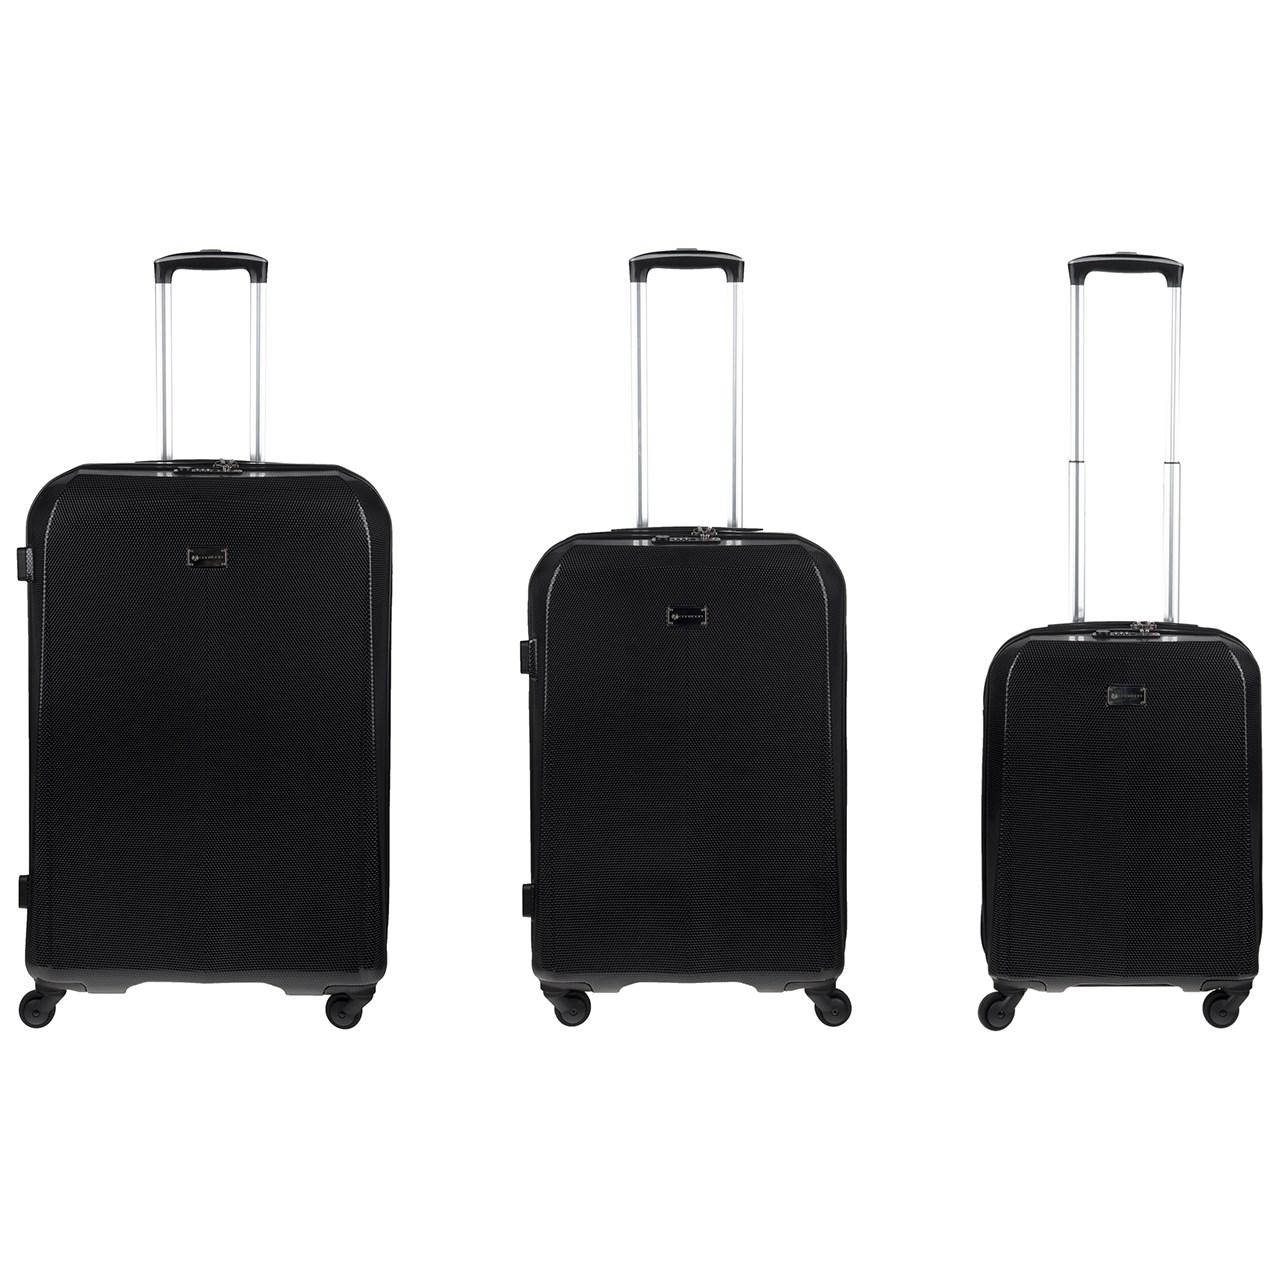 مجموعه سه عددی چمدان کانوود مدل PC051